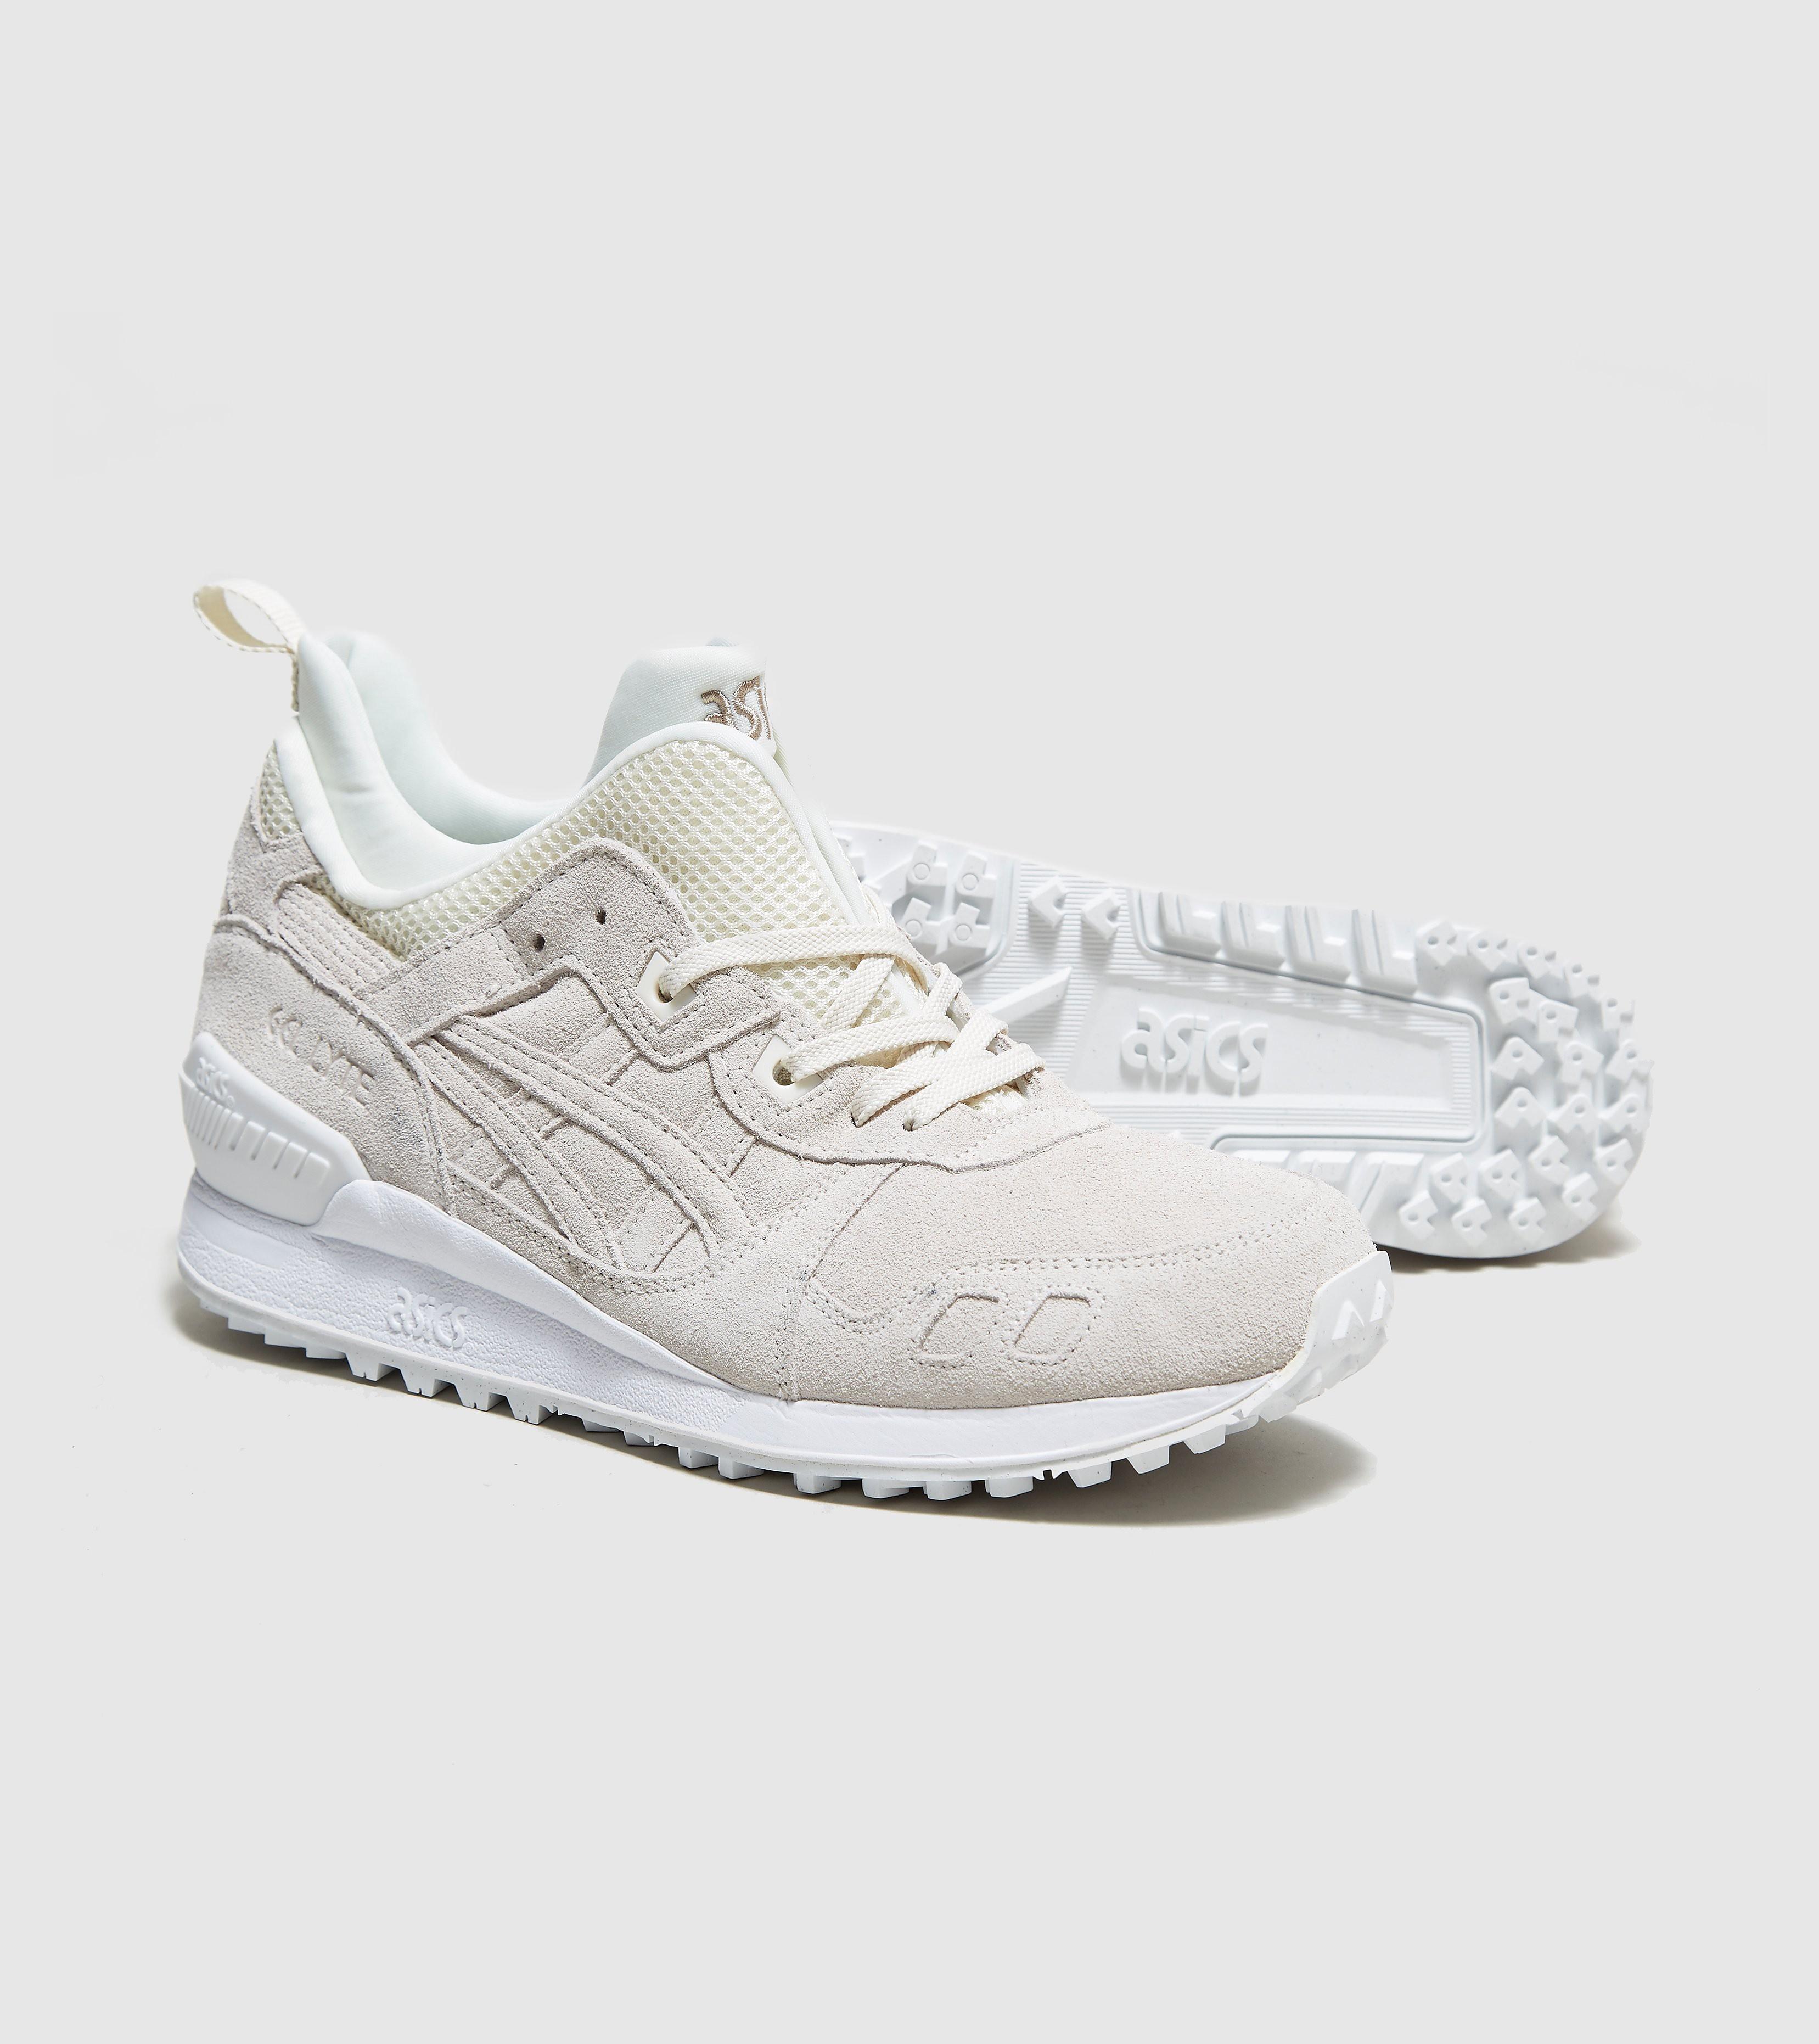 ASICS GEL-Lyte III Sneakerboot